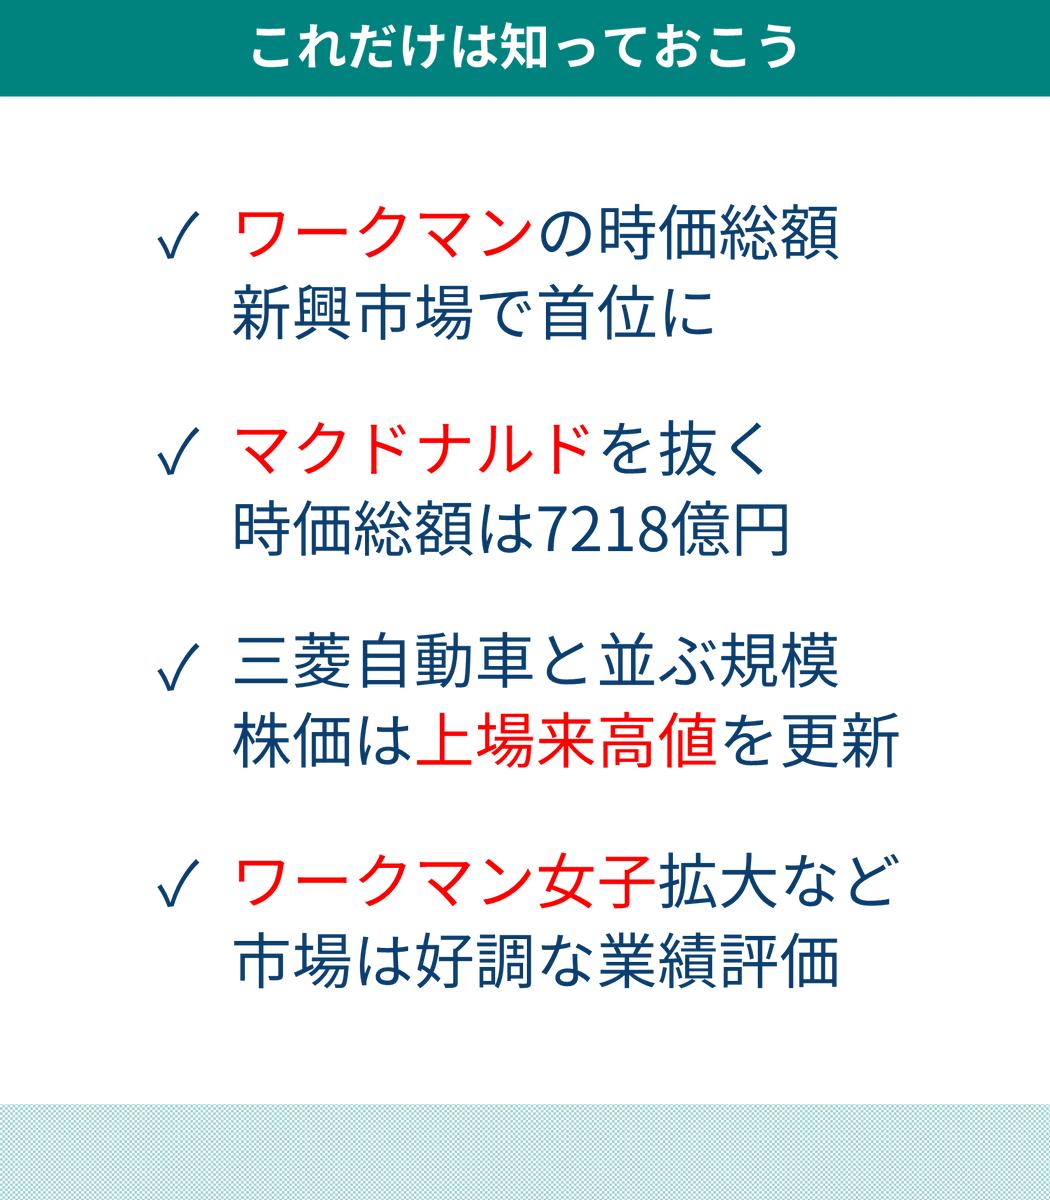 """ヤング日経 on Twitter: """"【話題】ワークマン時価総額、マクドナルド ..."""